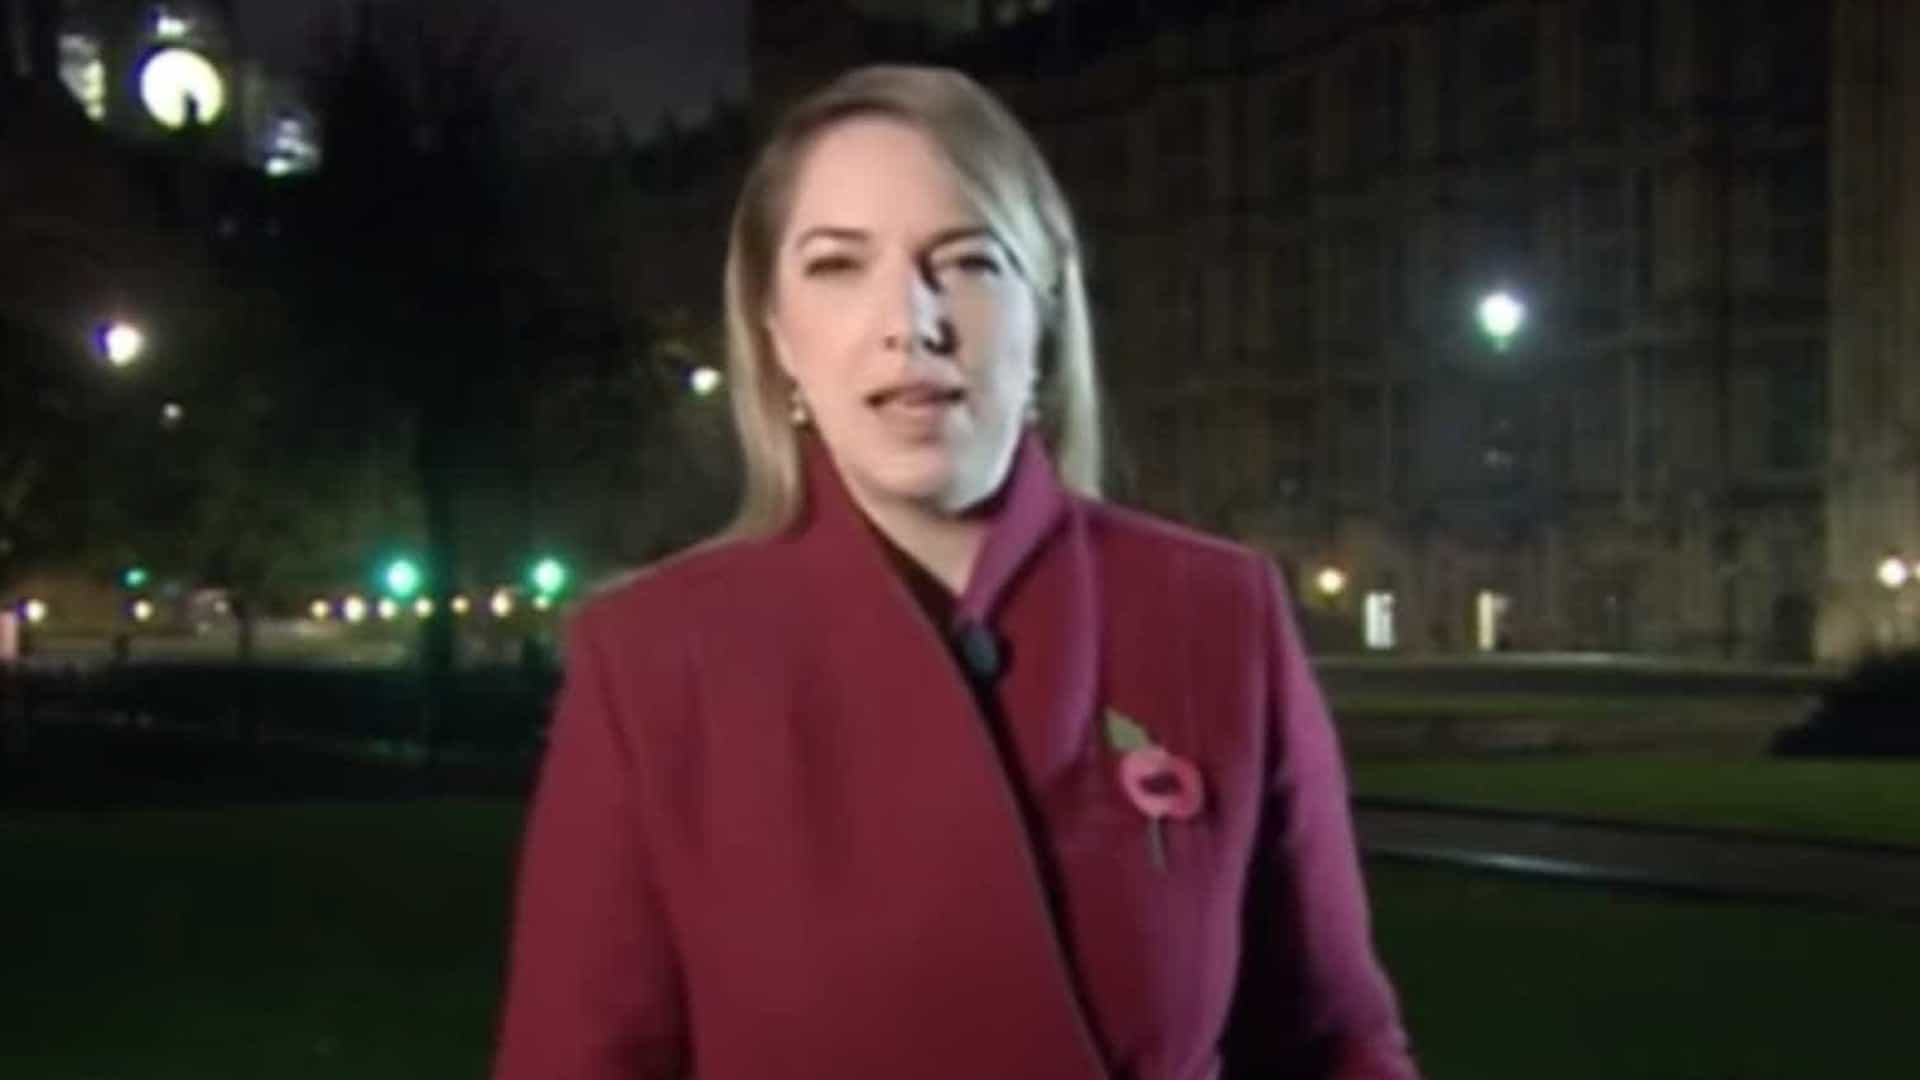 'Gemidão do Zap' entra ao vivo durante em transmissão da BBC em Londres